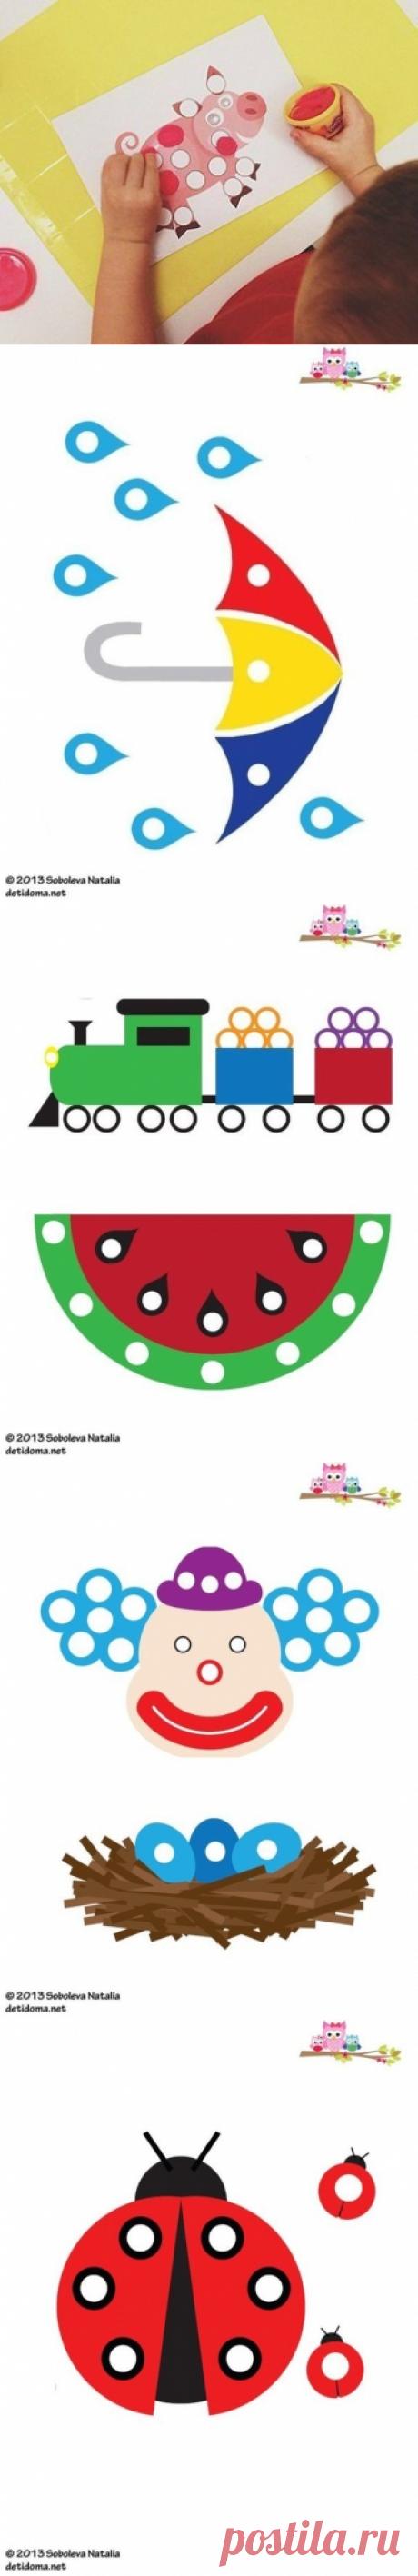 Пластилиновые заплатки - Поделки с детьми